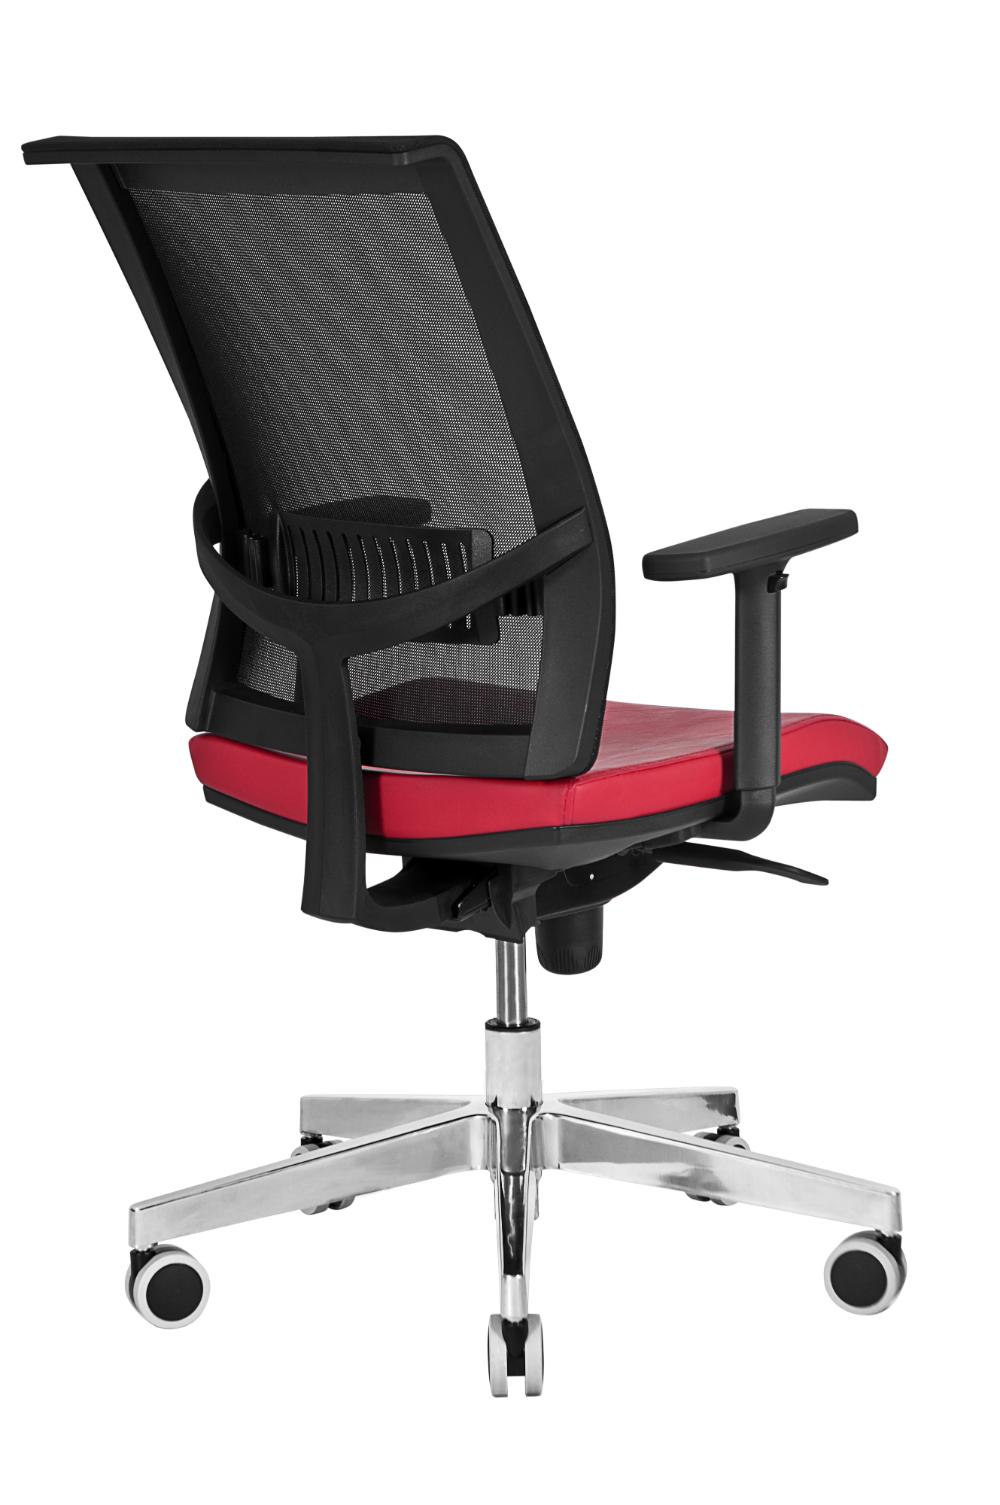 Silla jojo para oficina ergon mica cabecero ajustable for Muebles de oficina bogota precios